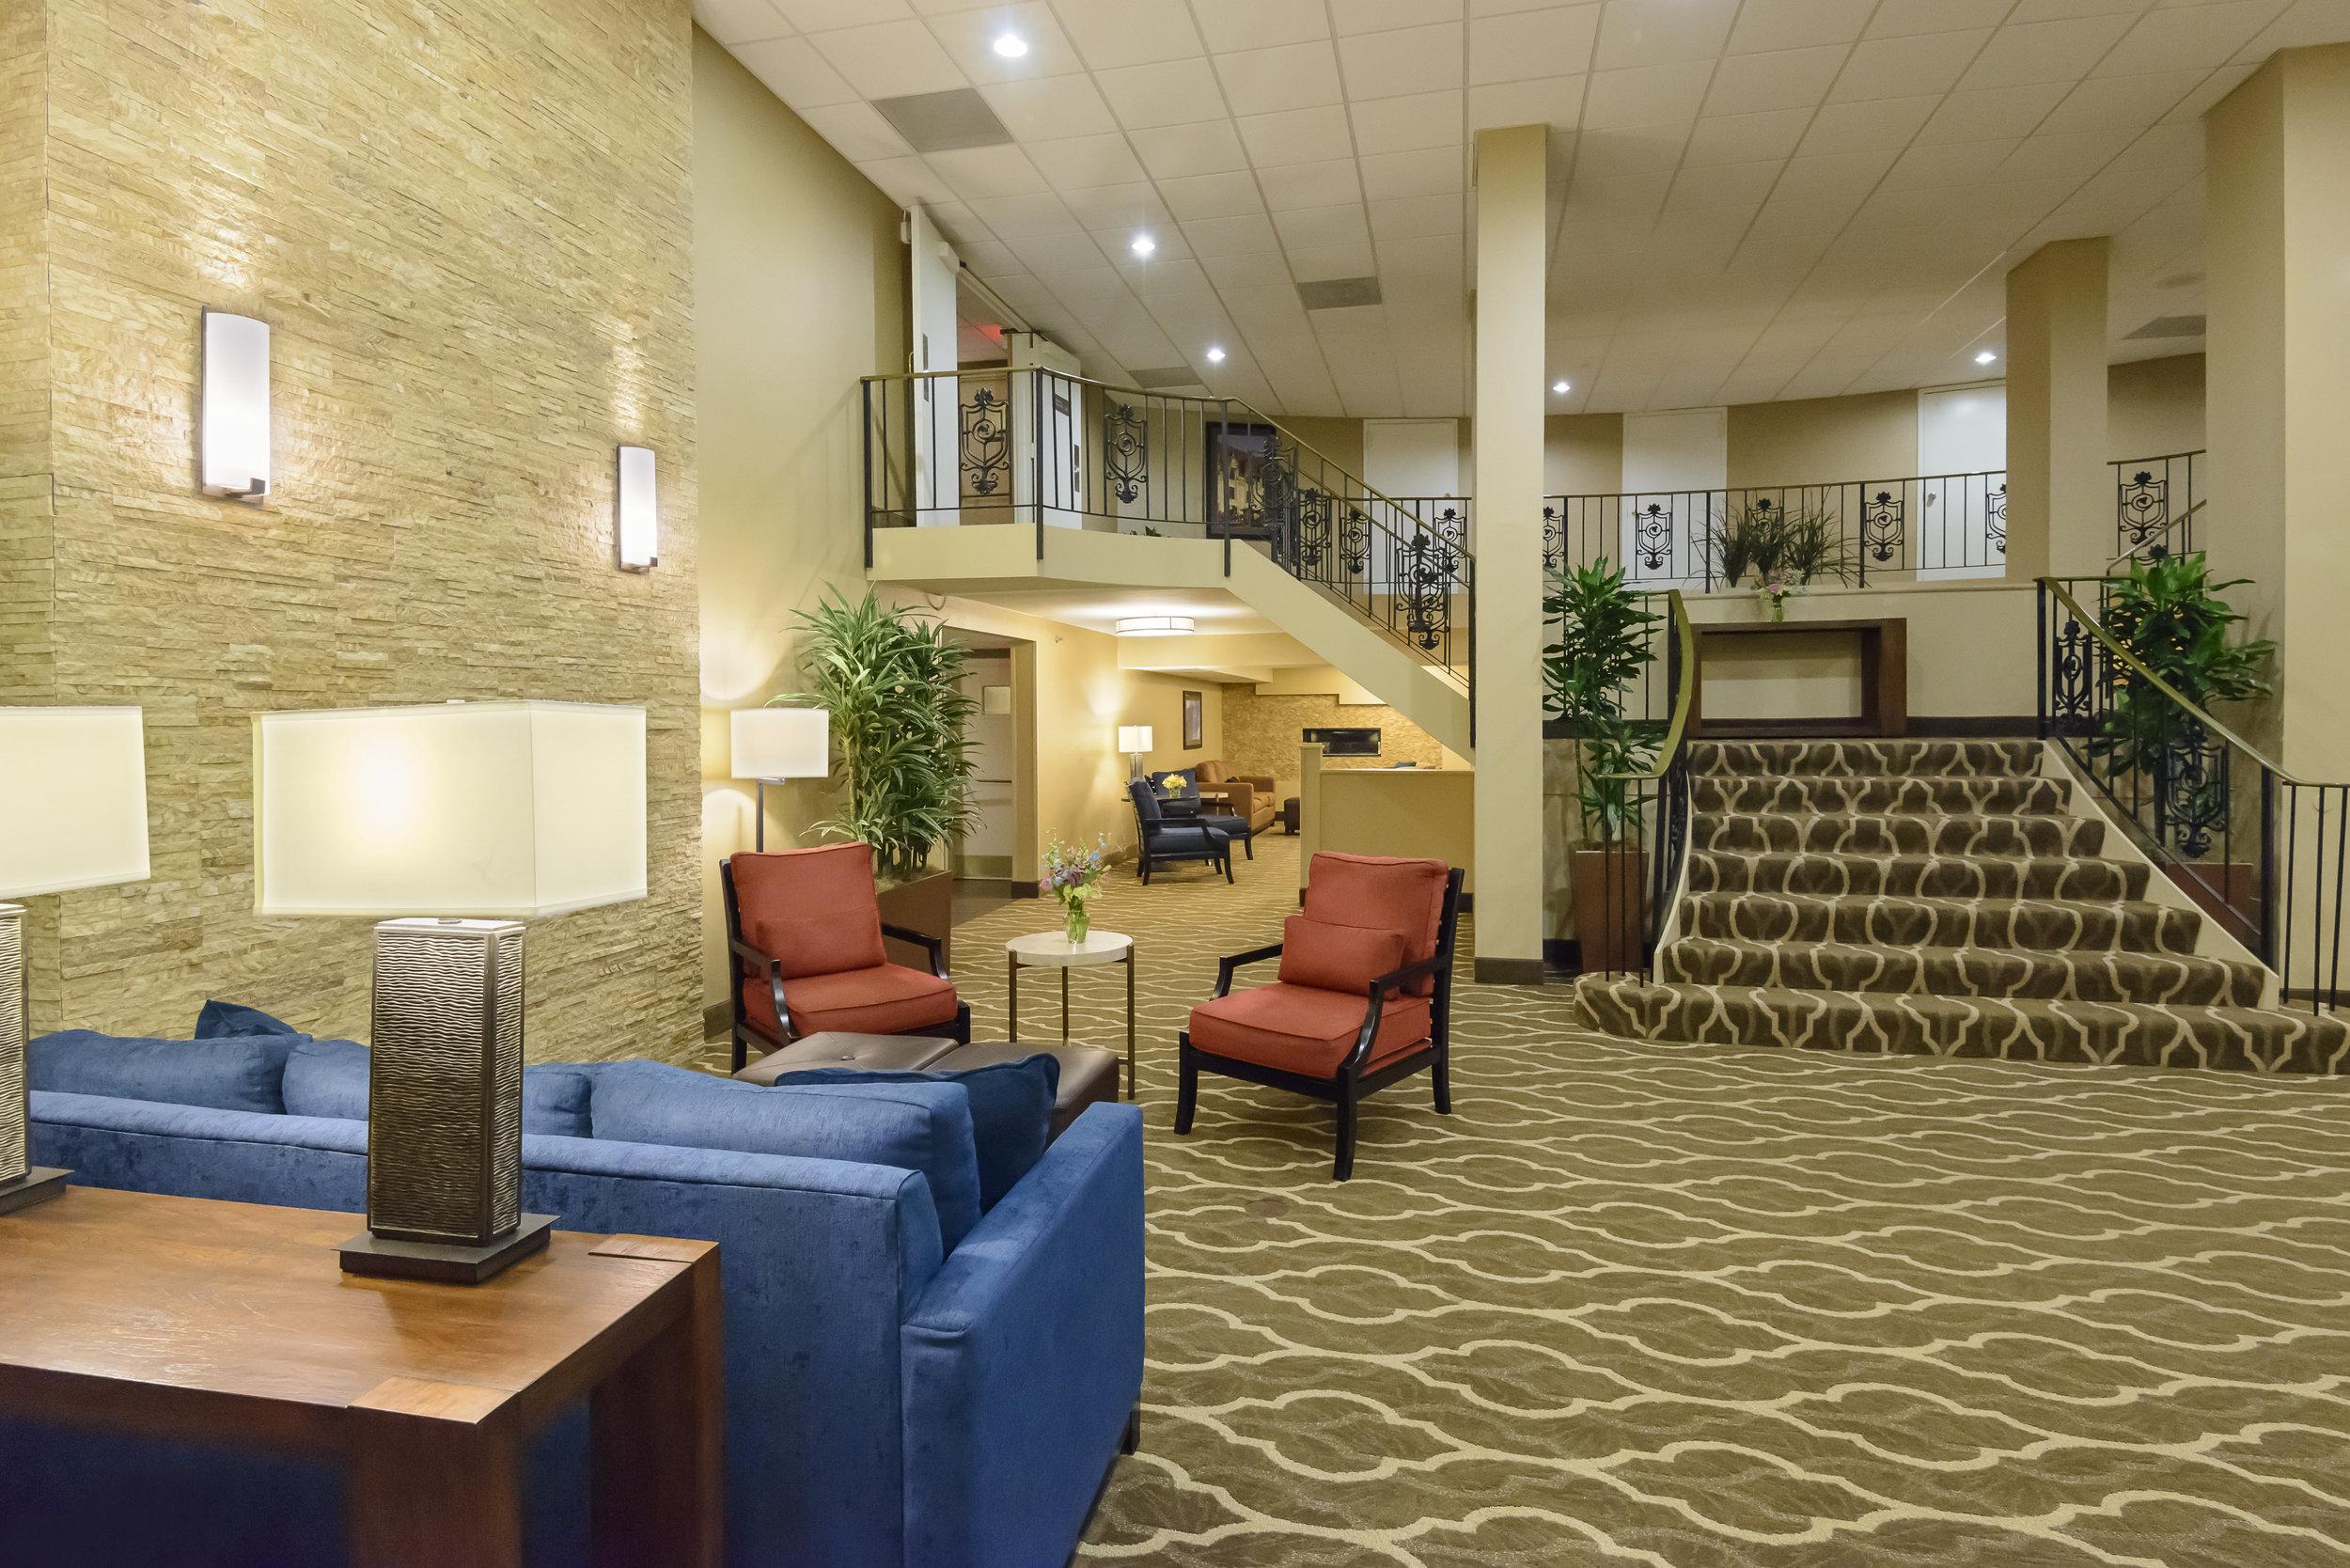 Comfort inn lobby 2.jpg